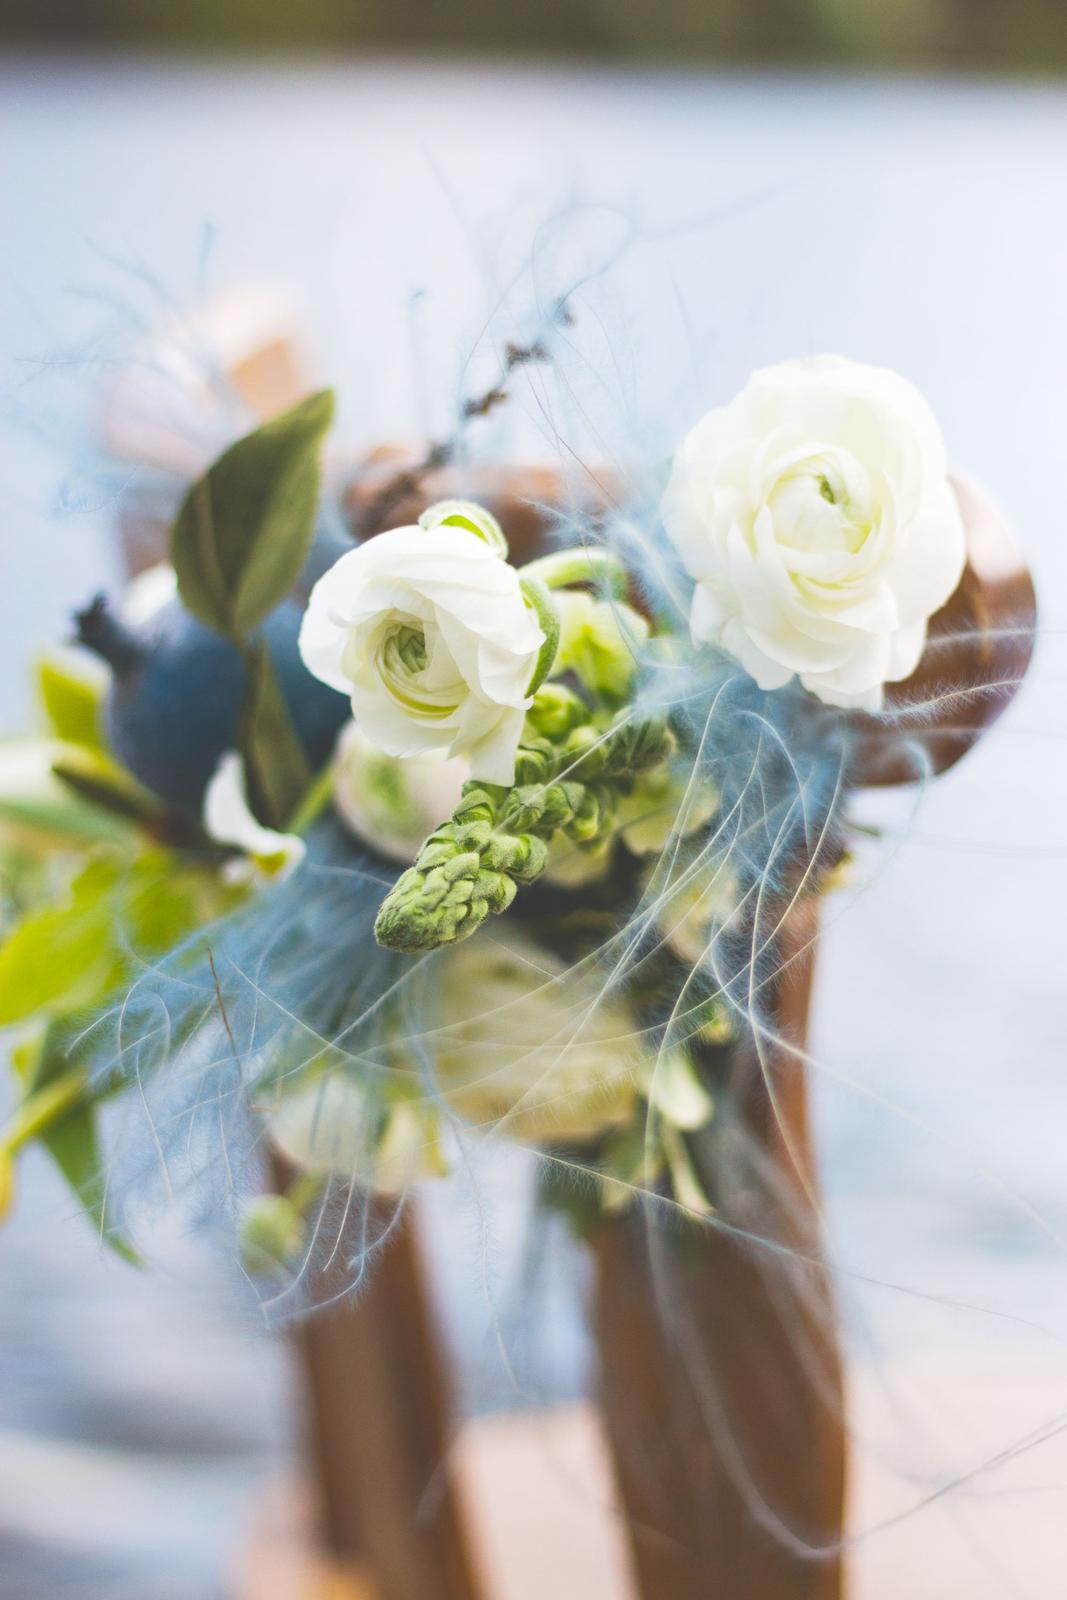 Svadba pri jazere. Náš editoriál pre aktuálne vydanie časopisu Svadba - Foto: Nikoleta Mackovjaková Časopis Svadba